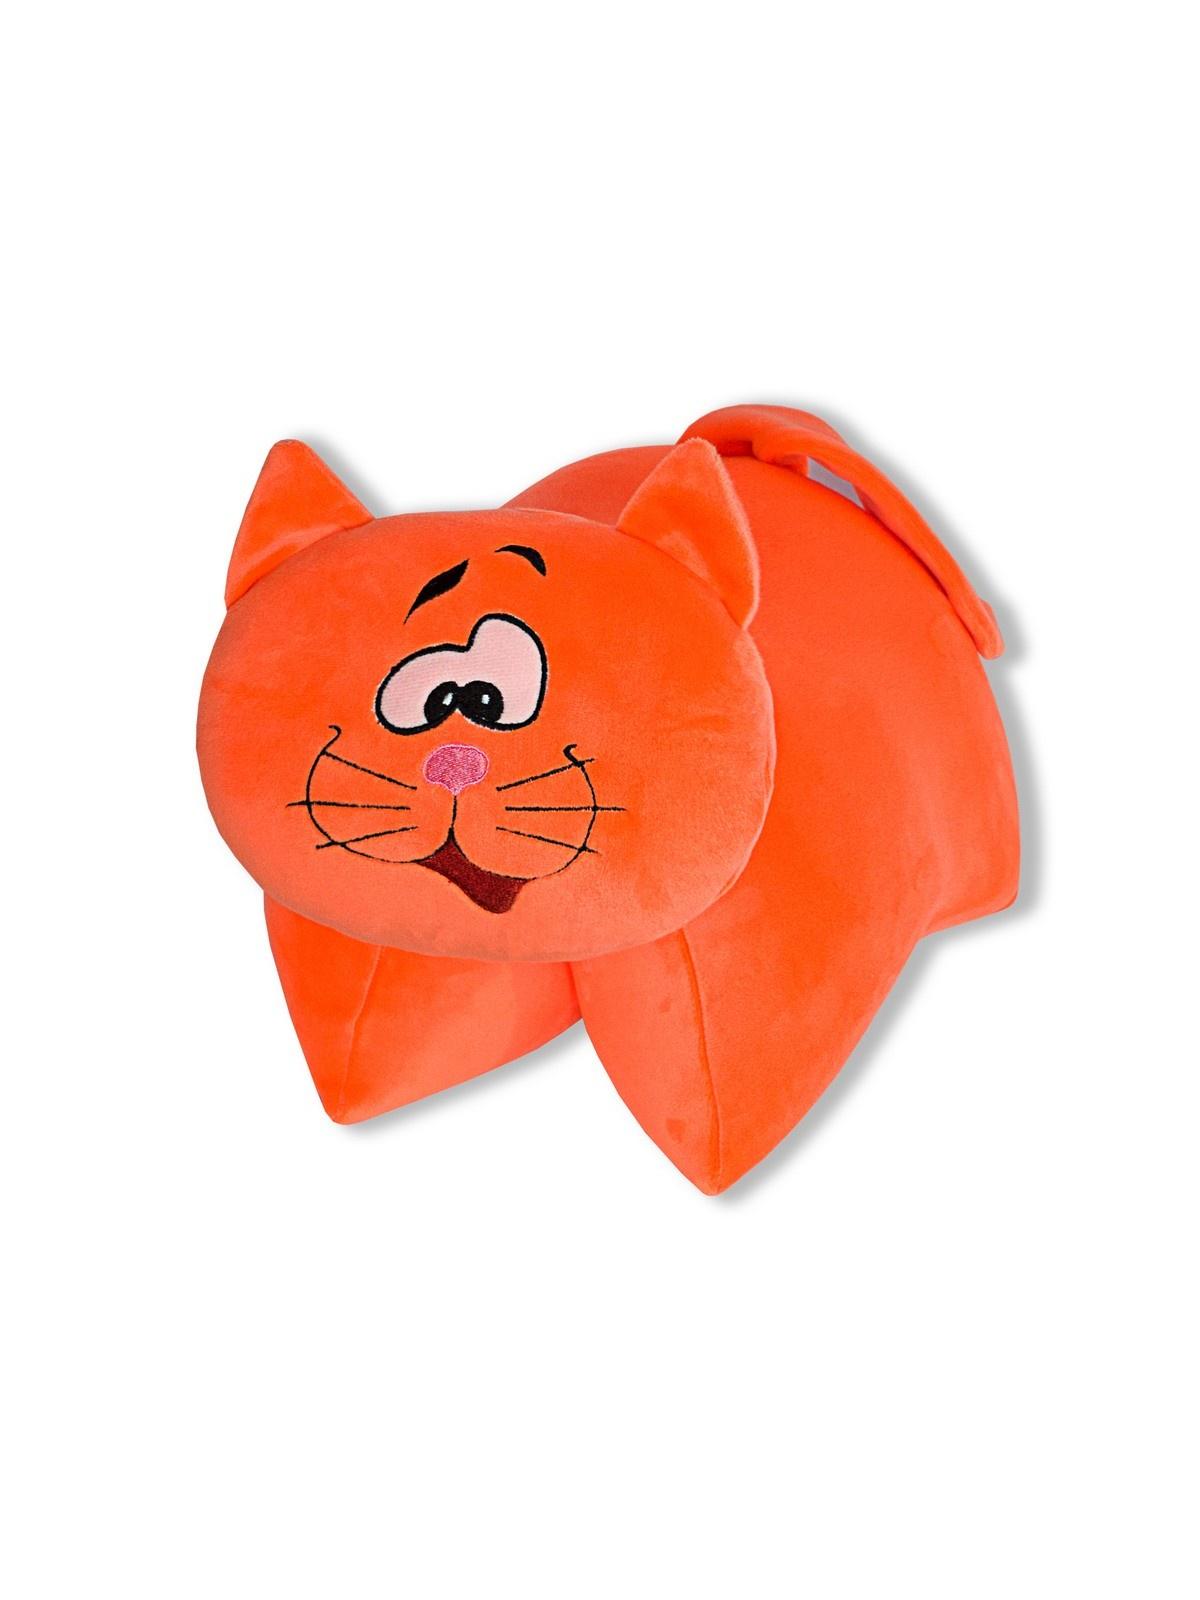 Штучки, к которым тянутся ручки Подушка-игрушка антистрессовая Трансформеры Кот